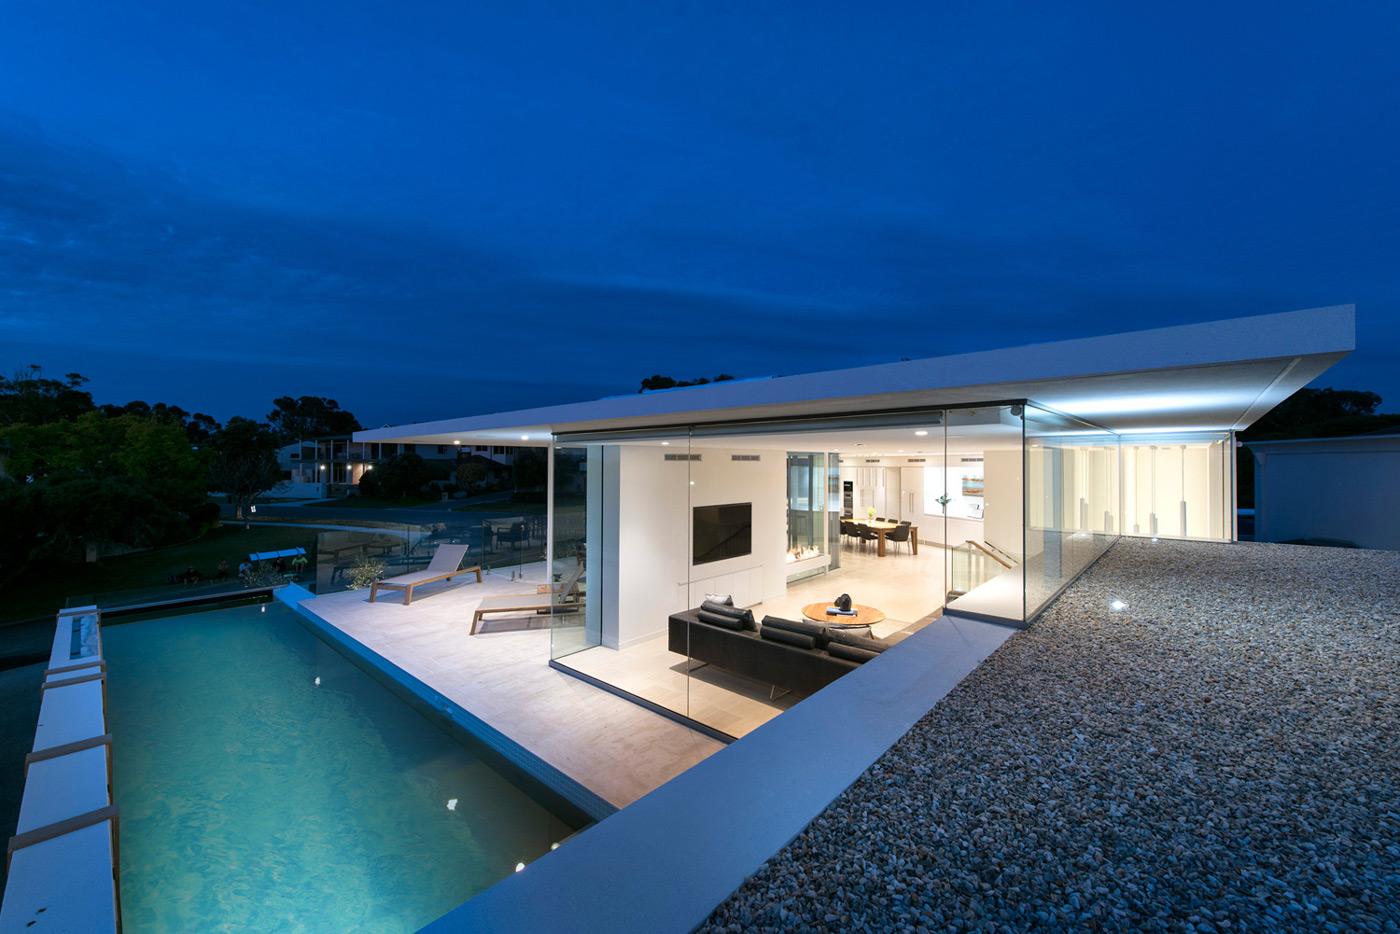 Pool Lighting, Glass Walls